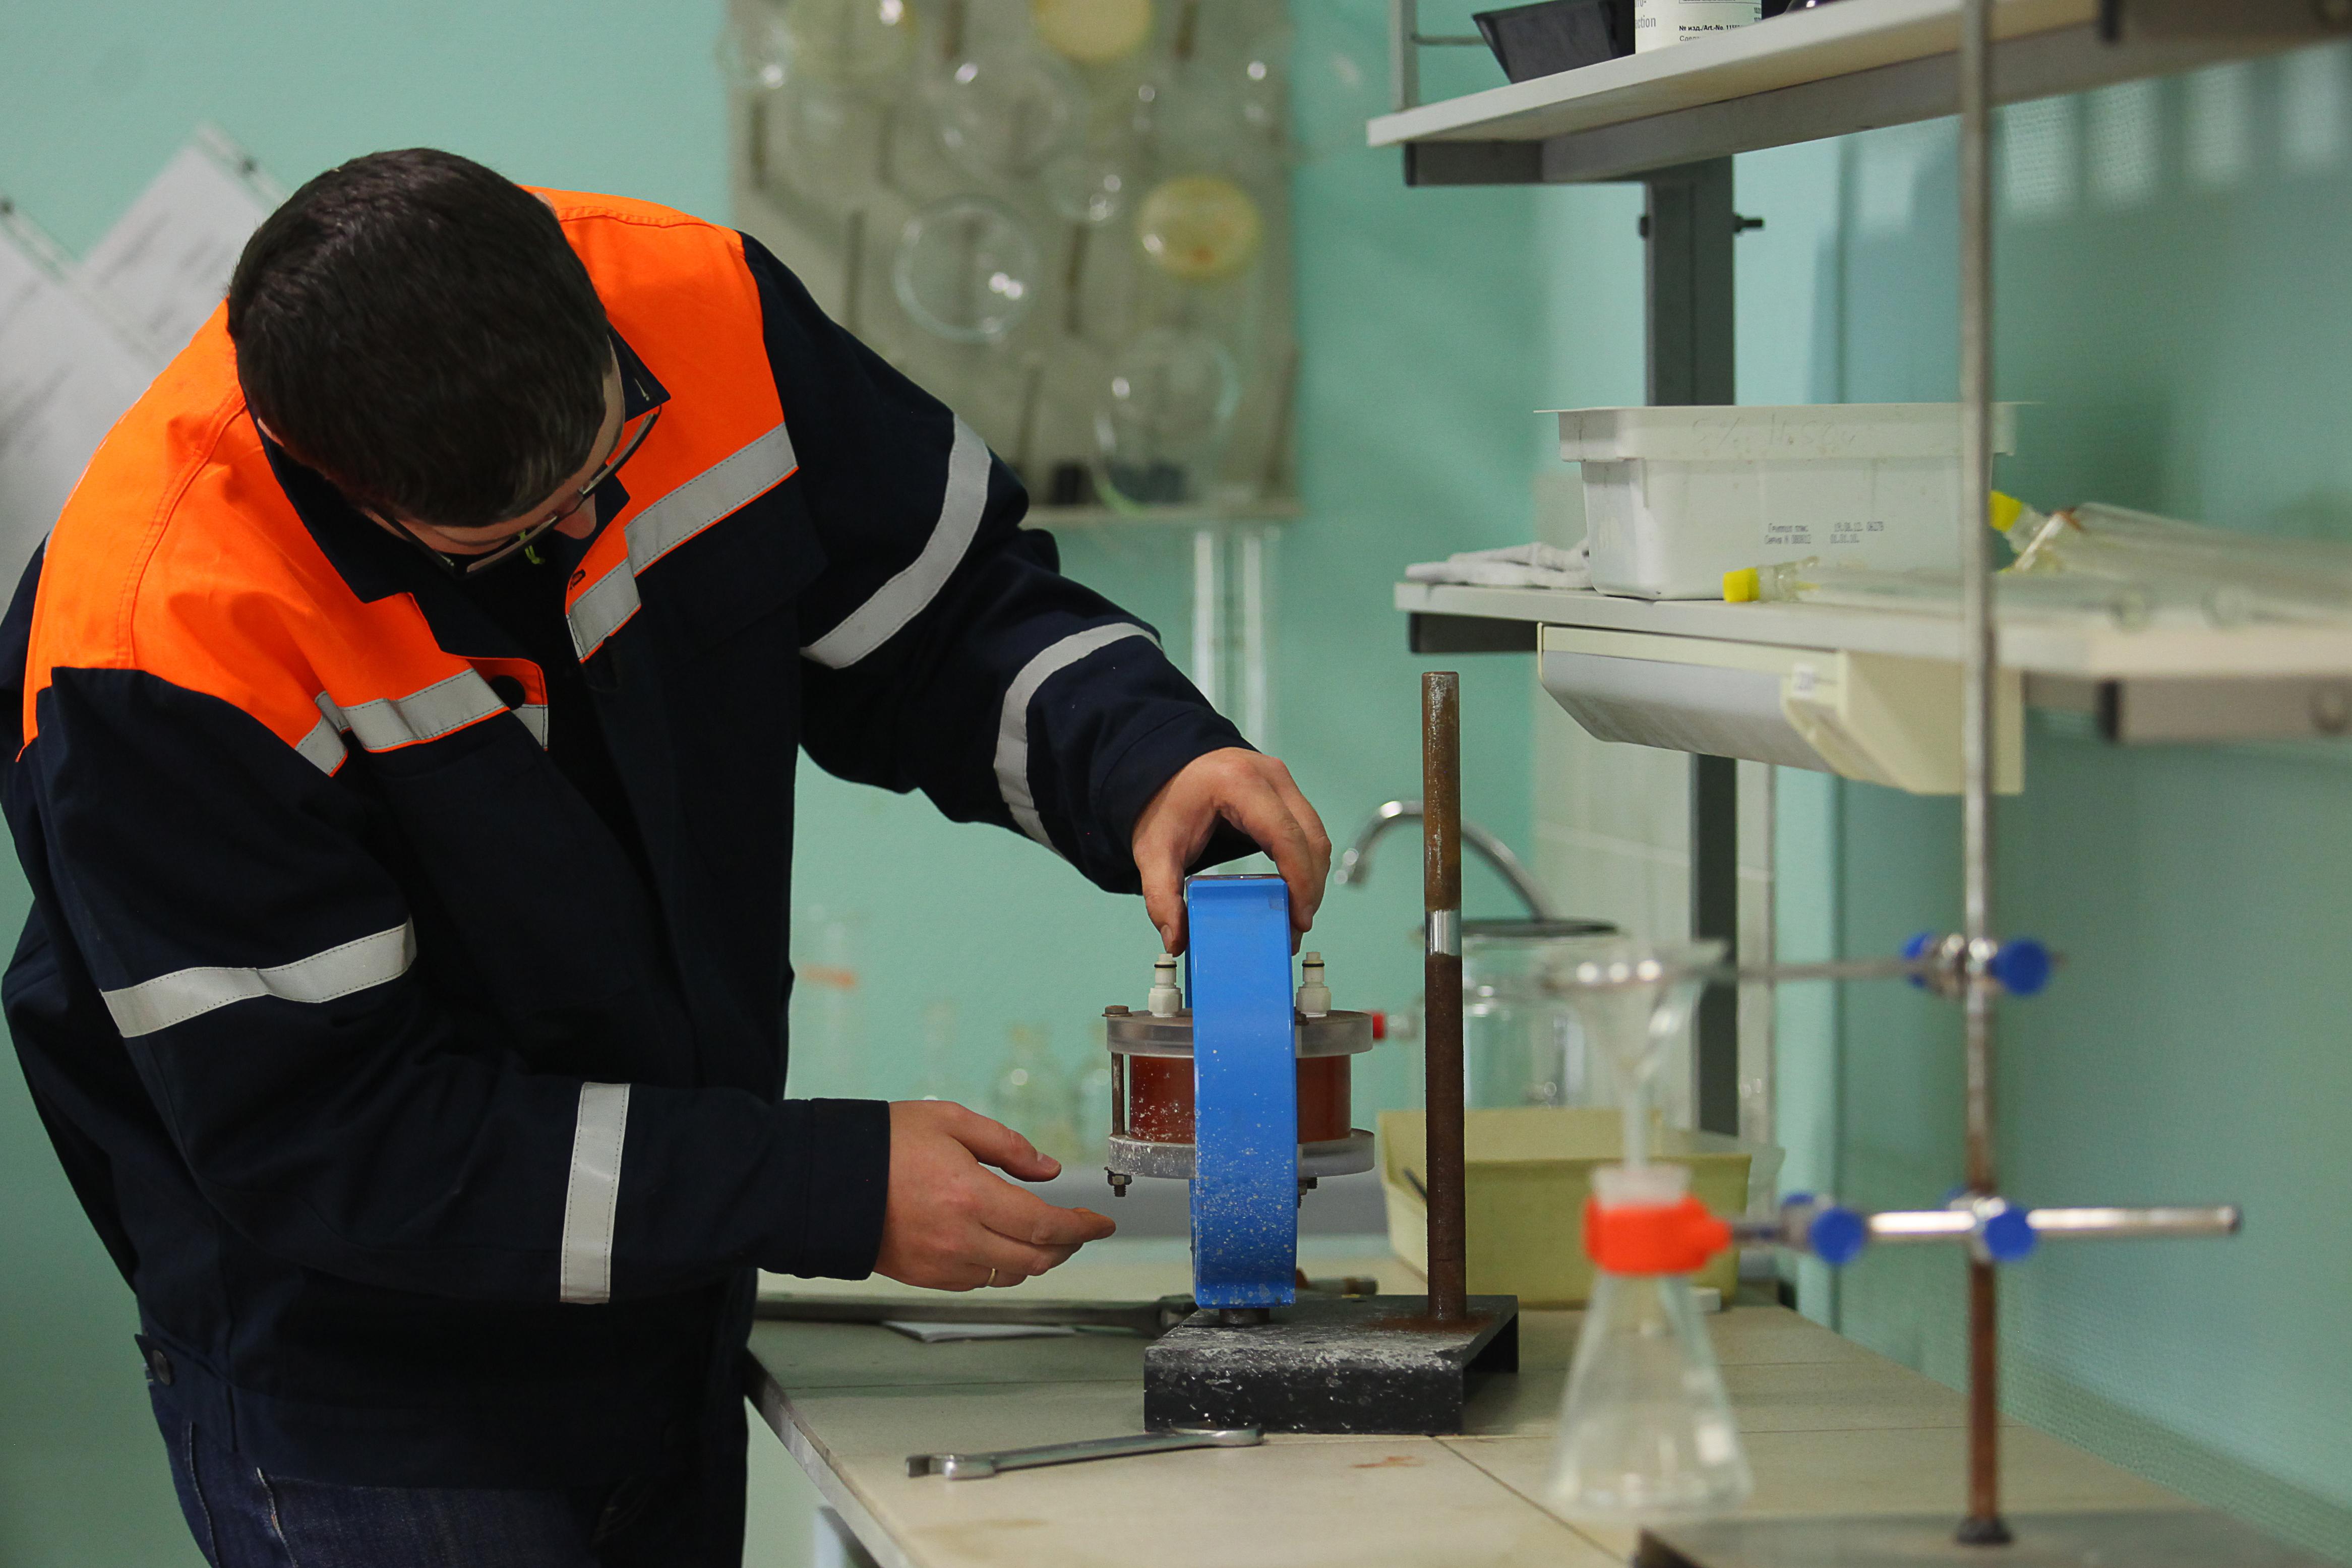 В лаборатории газового хозяйства Москвы разрабатывается уникальная экспресс-методика